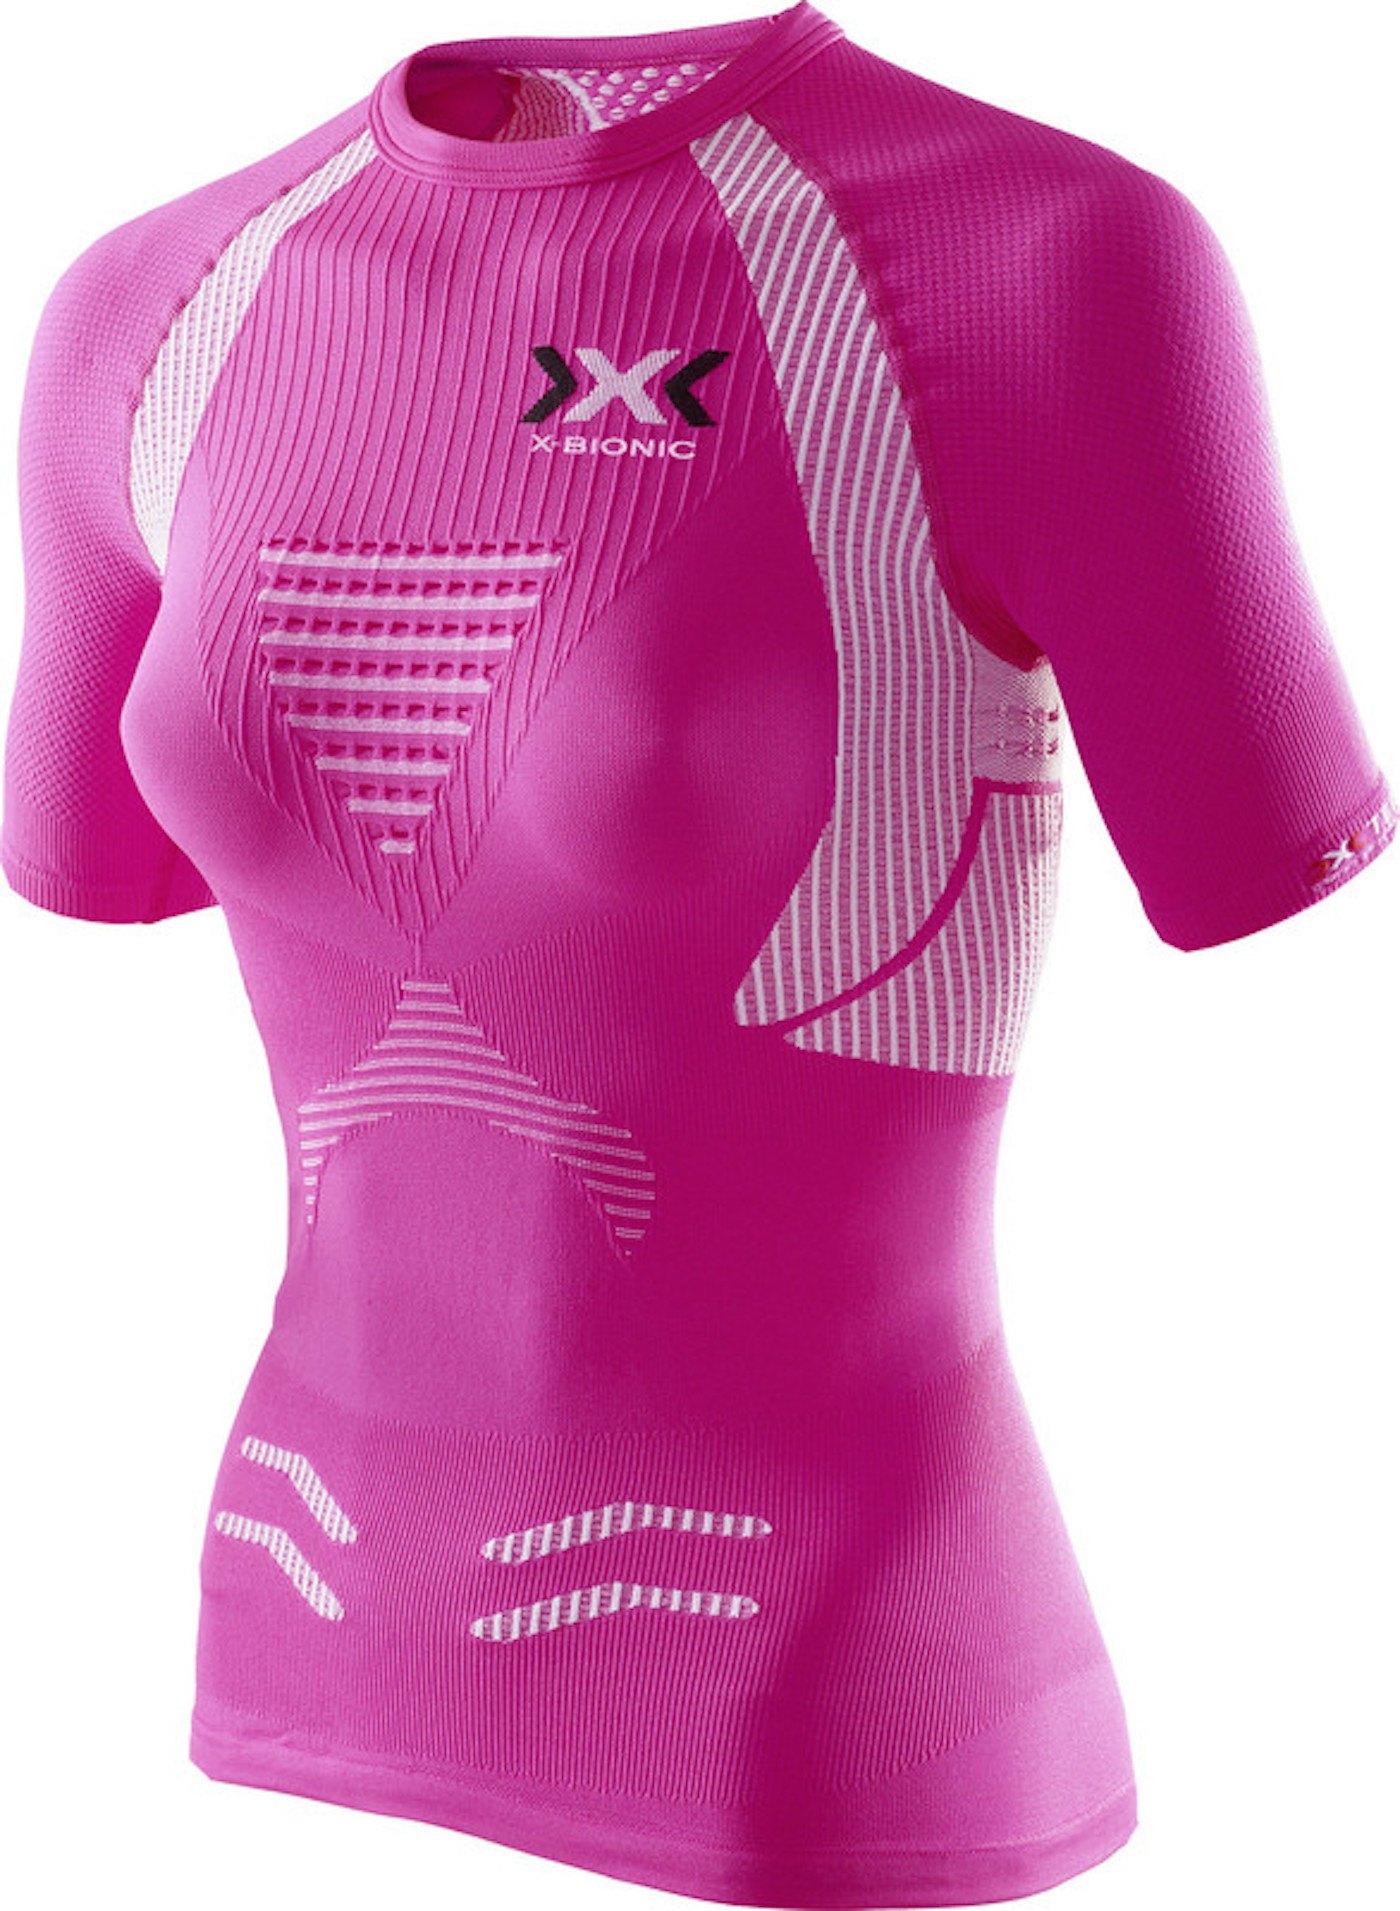 X-Bionic - The Trick - Camiseta - Mujer